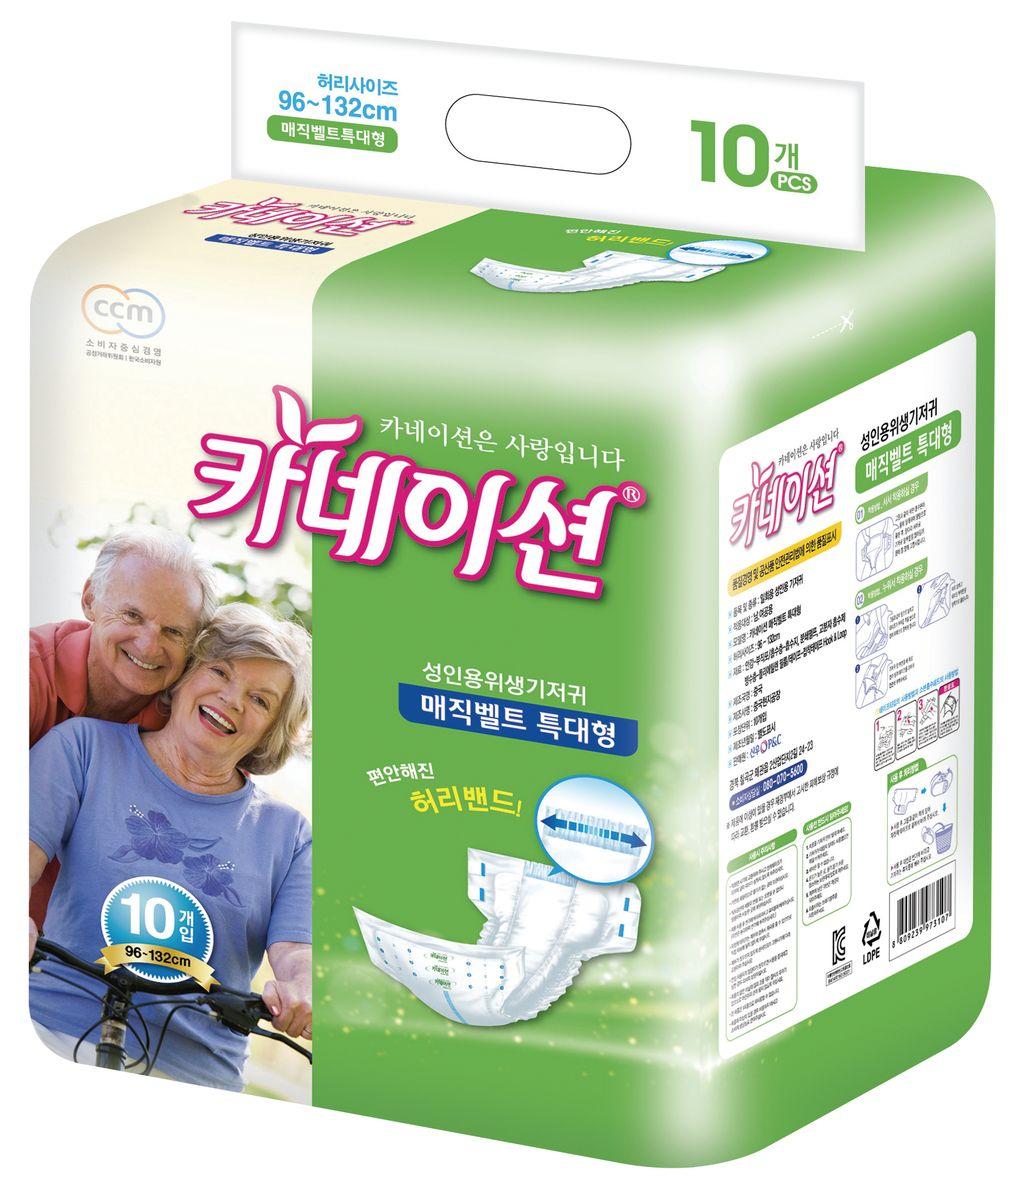 Carnation Подгузники для взрослых L 10 шт5010777139655Подгузники для взрослых Carnation оснащены липучками, что упрощает надевание. Такие подгузники подойдут для взрослых с недержанием или для ухода за лежачими больными. Обхват талии: от 96 до 132 см. Продукция Carnation производится для внутреннего рынка Южной Кореи и соответствует предъявляемым высоким стандартам качества Республики Корея.